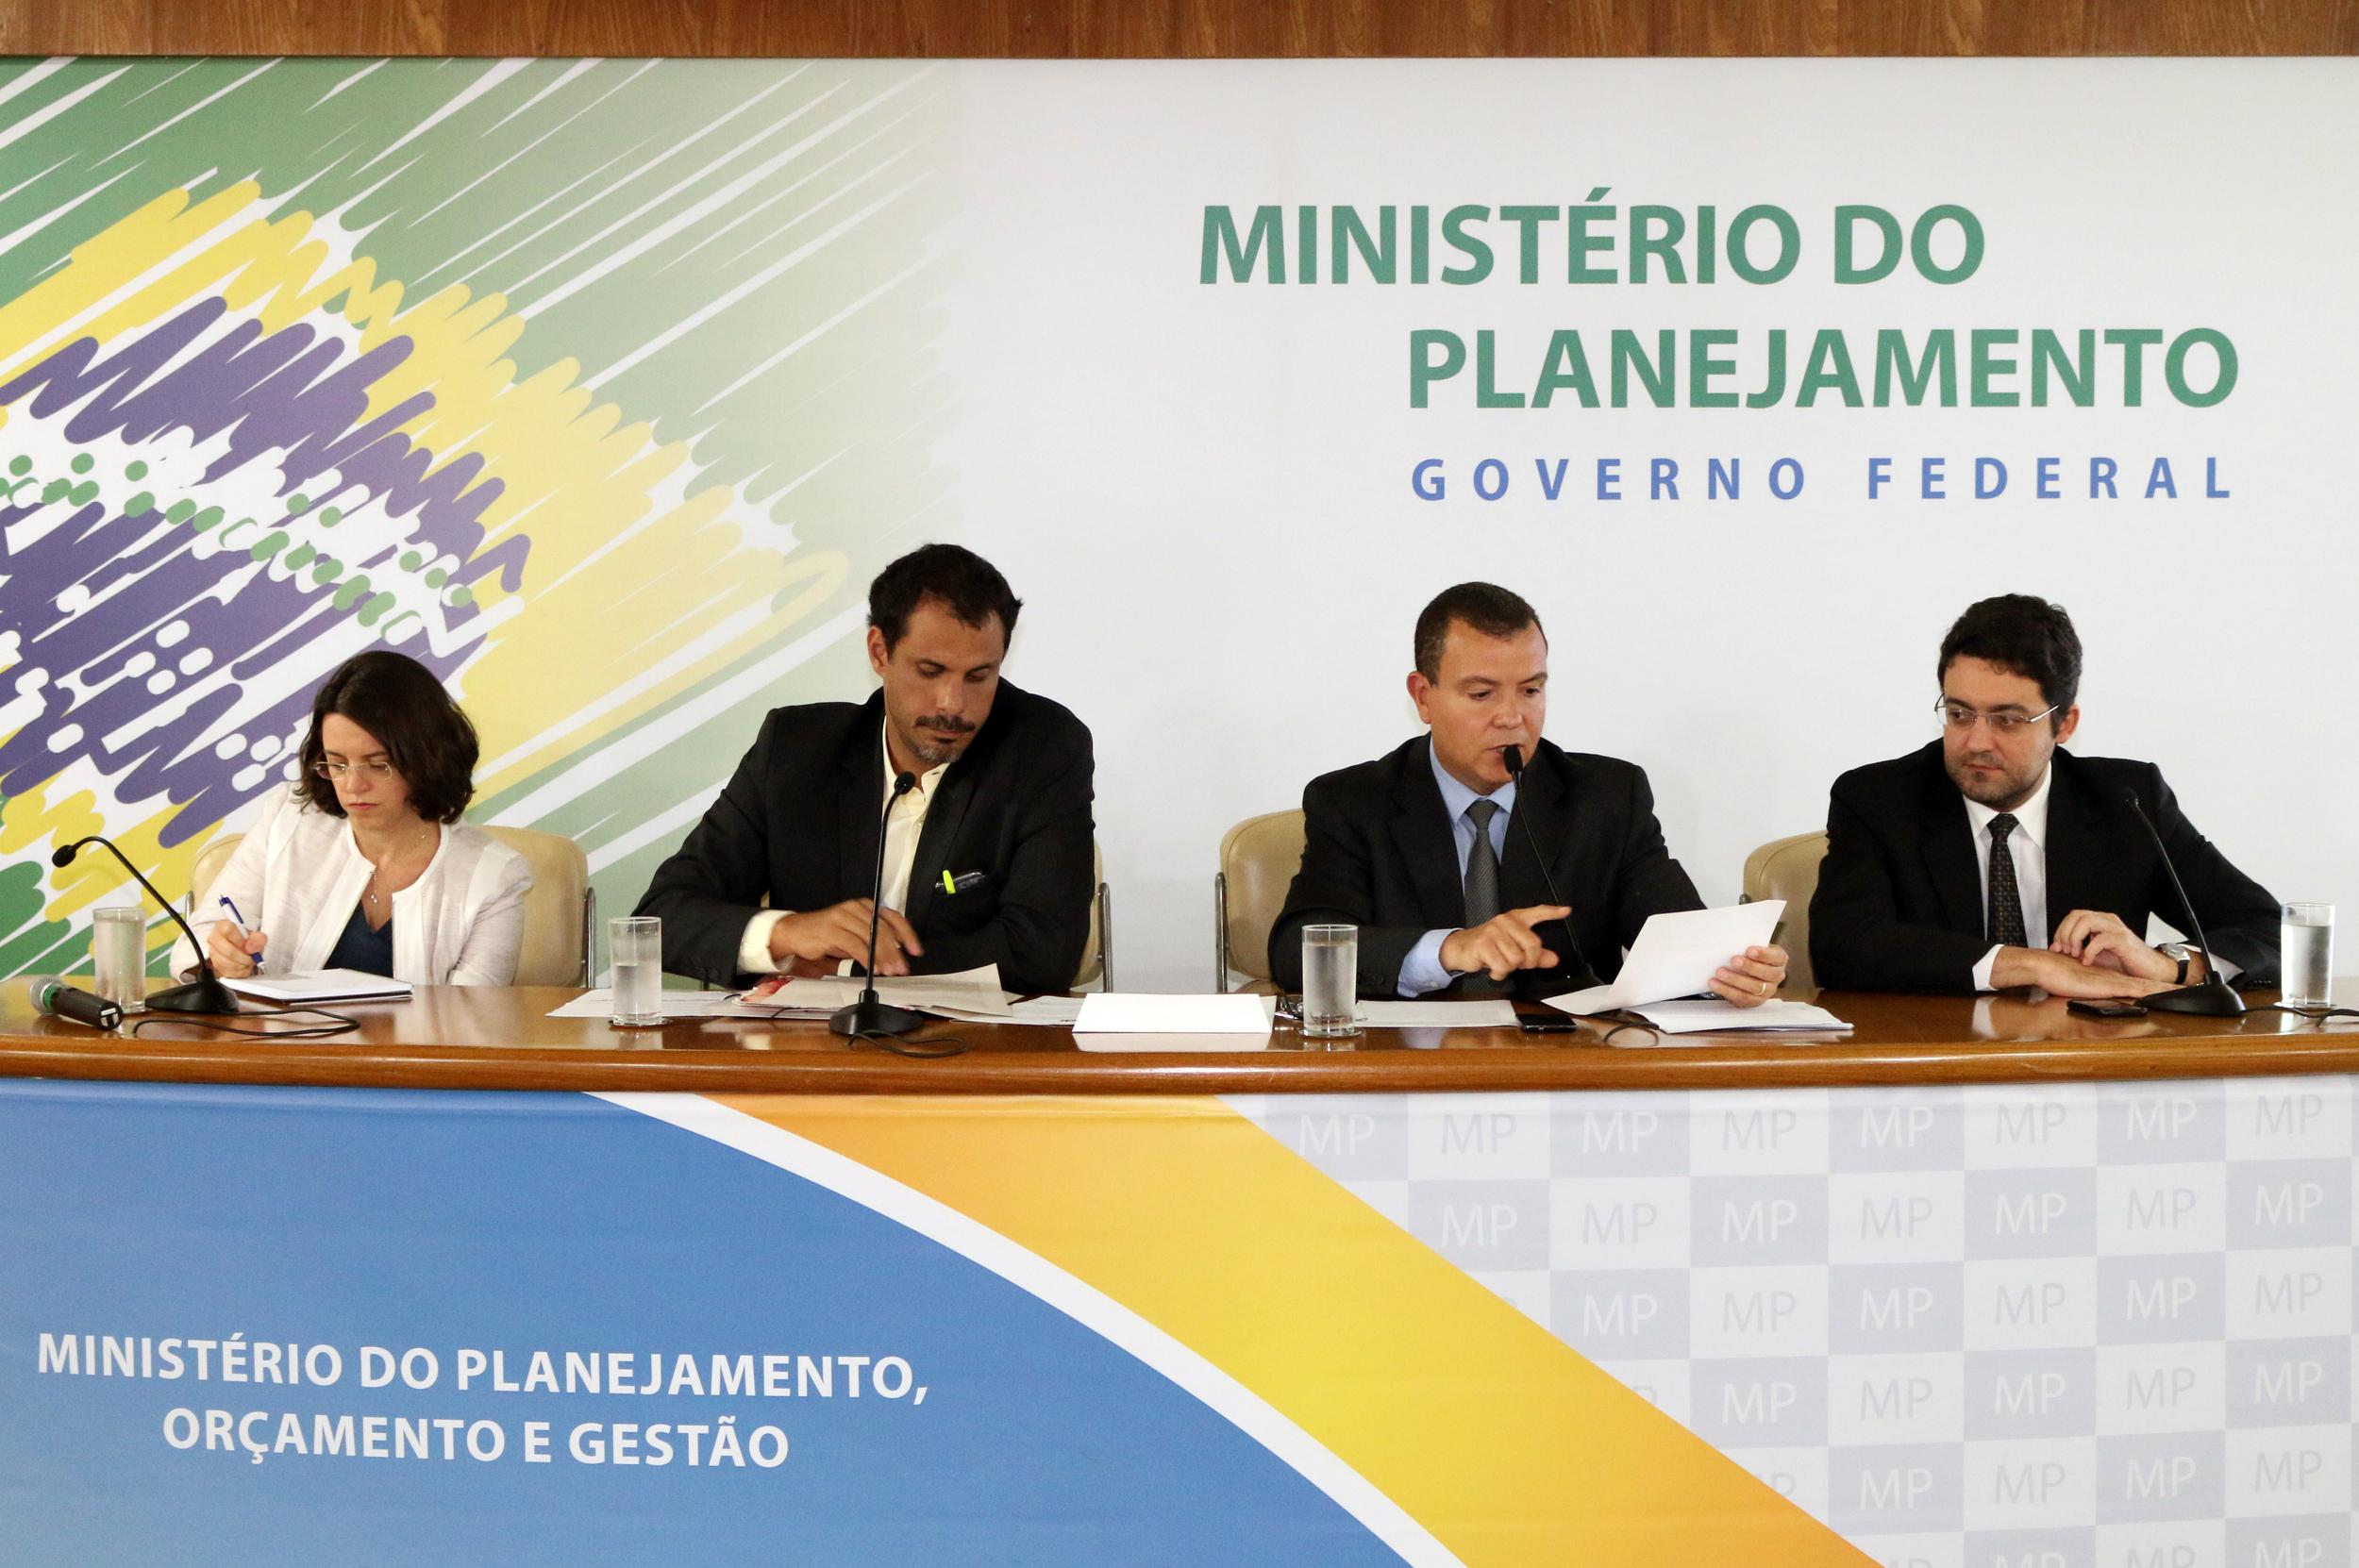 Paula Lima, Andrei Soares, João Aurélio, Alex Canuto - AGE 13-03-2015 - MP - Filipe Calmon - ANESP.jpg